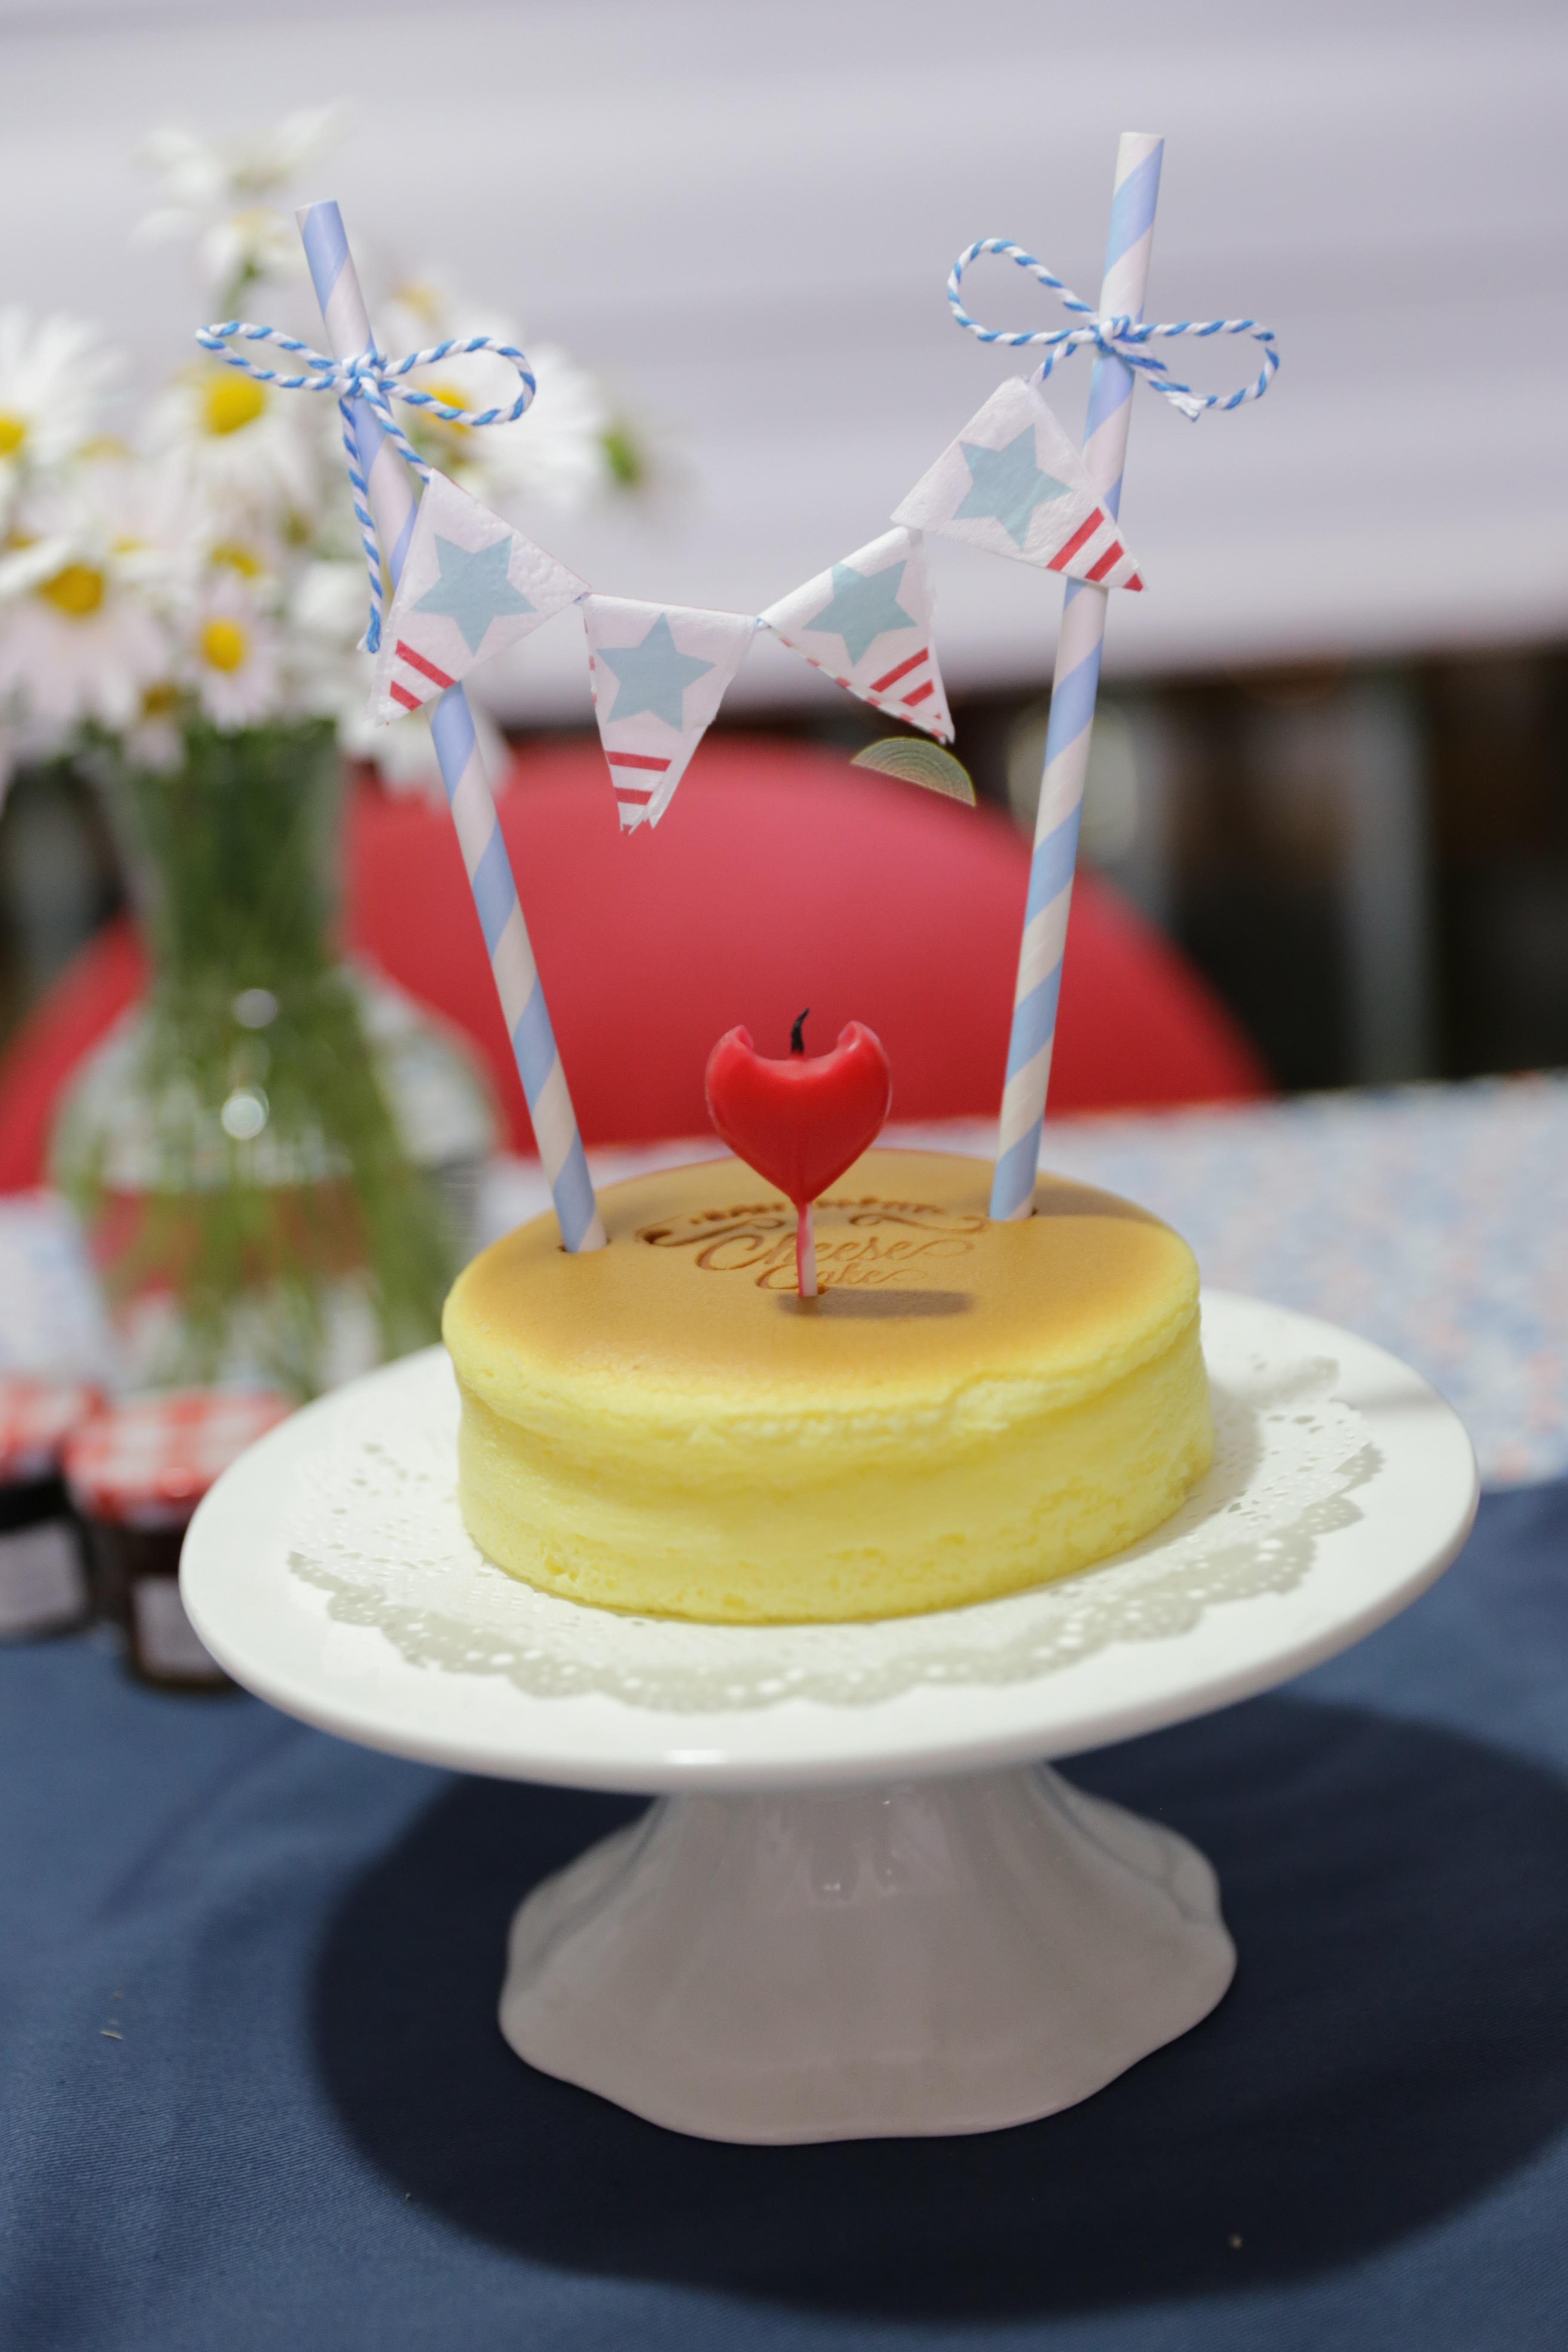 Kostenlose foto : Blume, Lebensmittel, Gelb, Dessert, Glasur, Süße ...